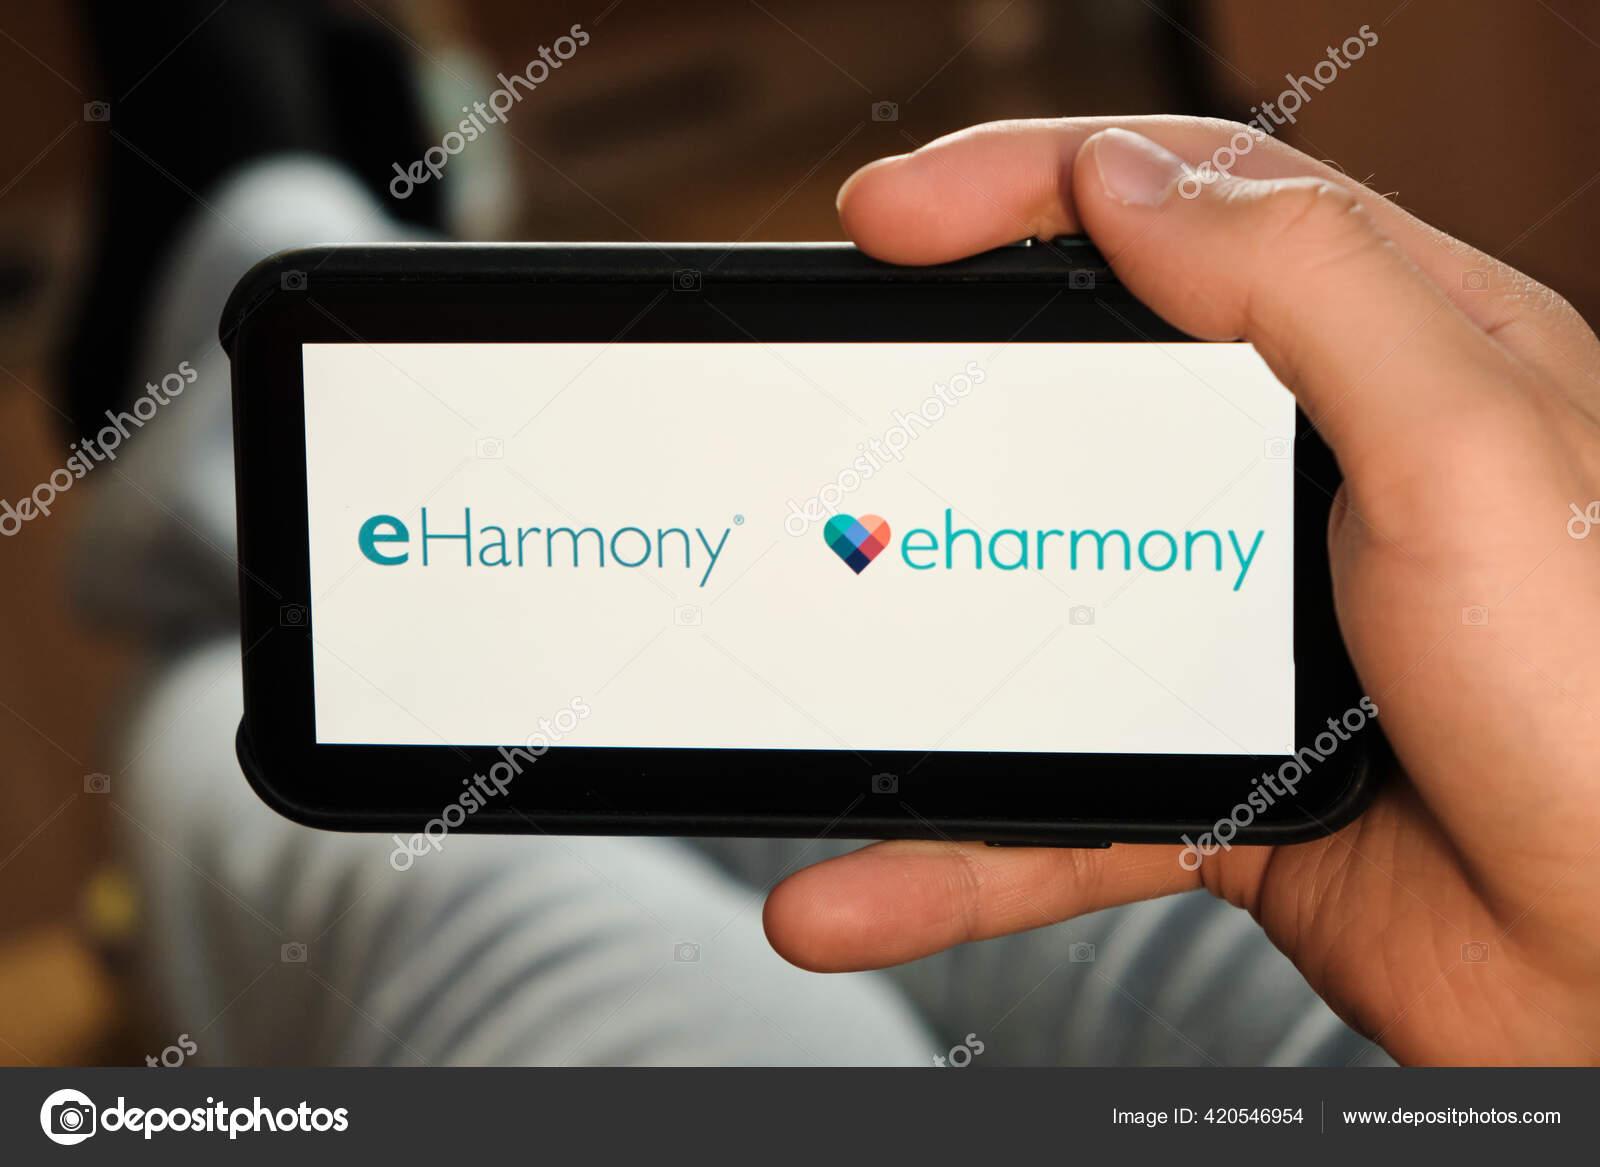 Brasil login eharmony sam.leonardjoel.com.au